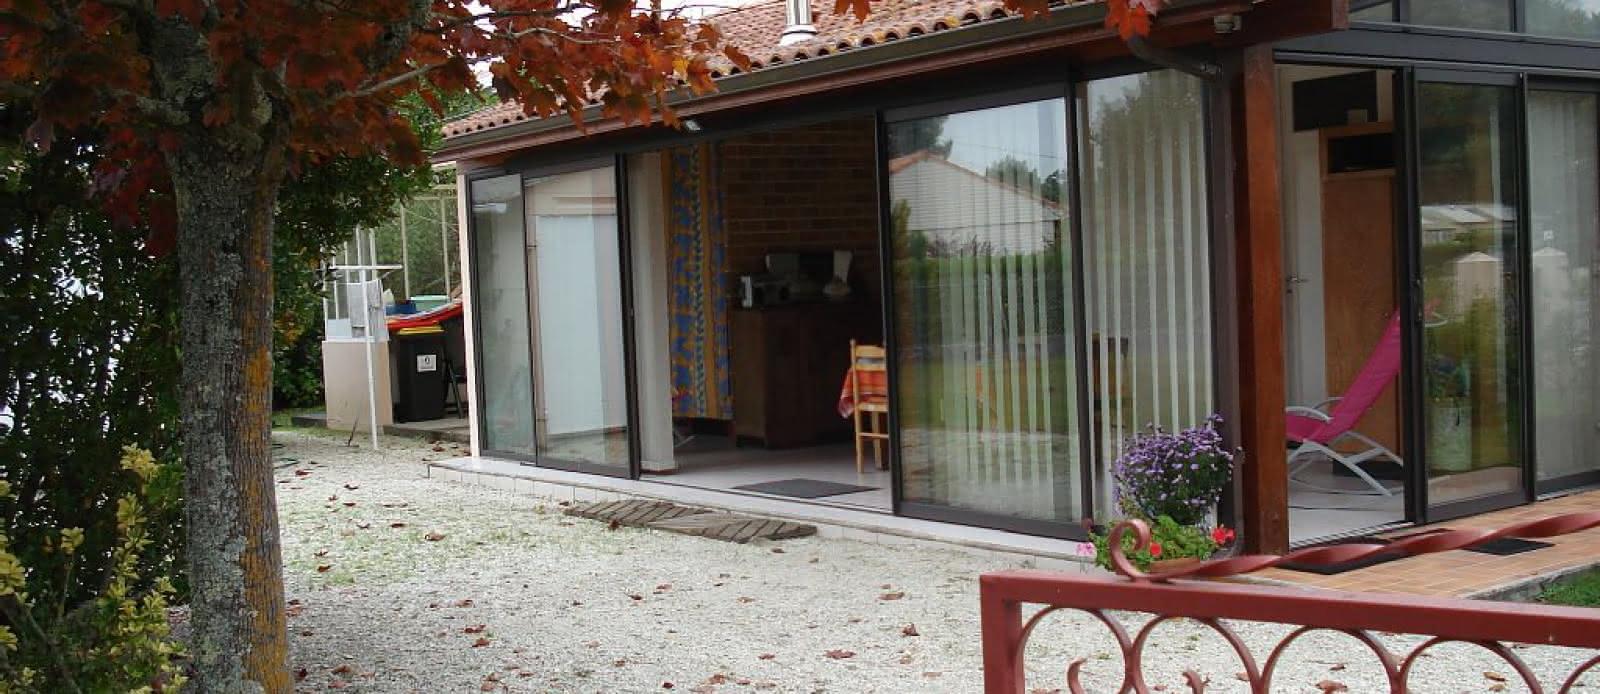 Location de vacances Carcans Deycard Muriel